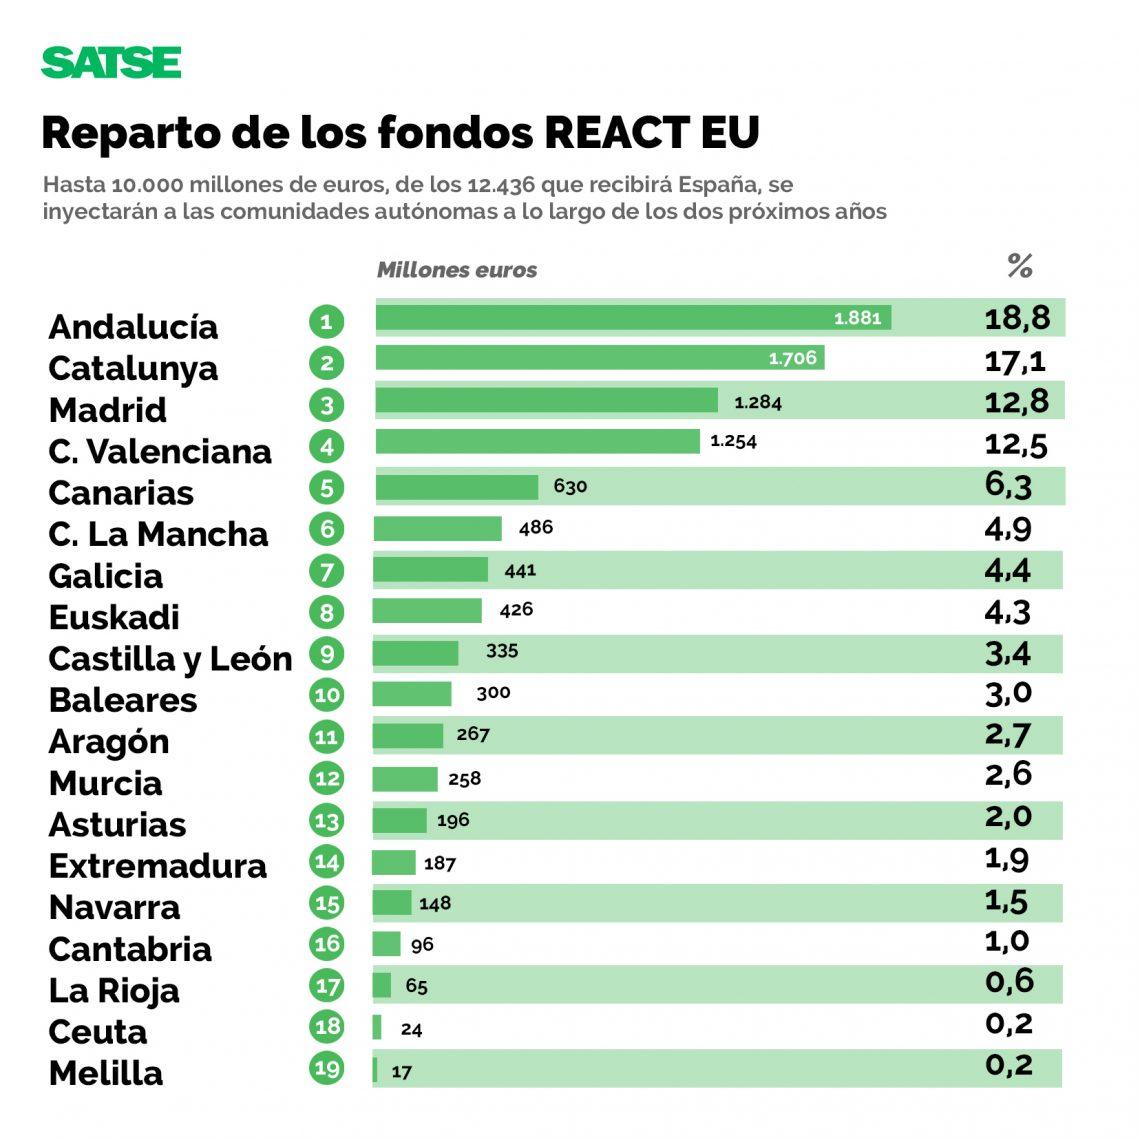 Reparto de los fondos REACT EU